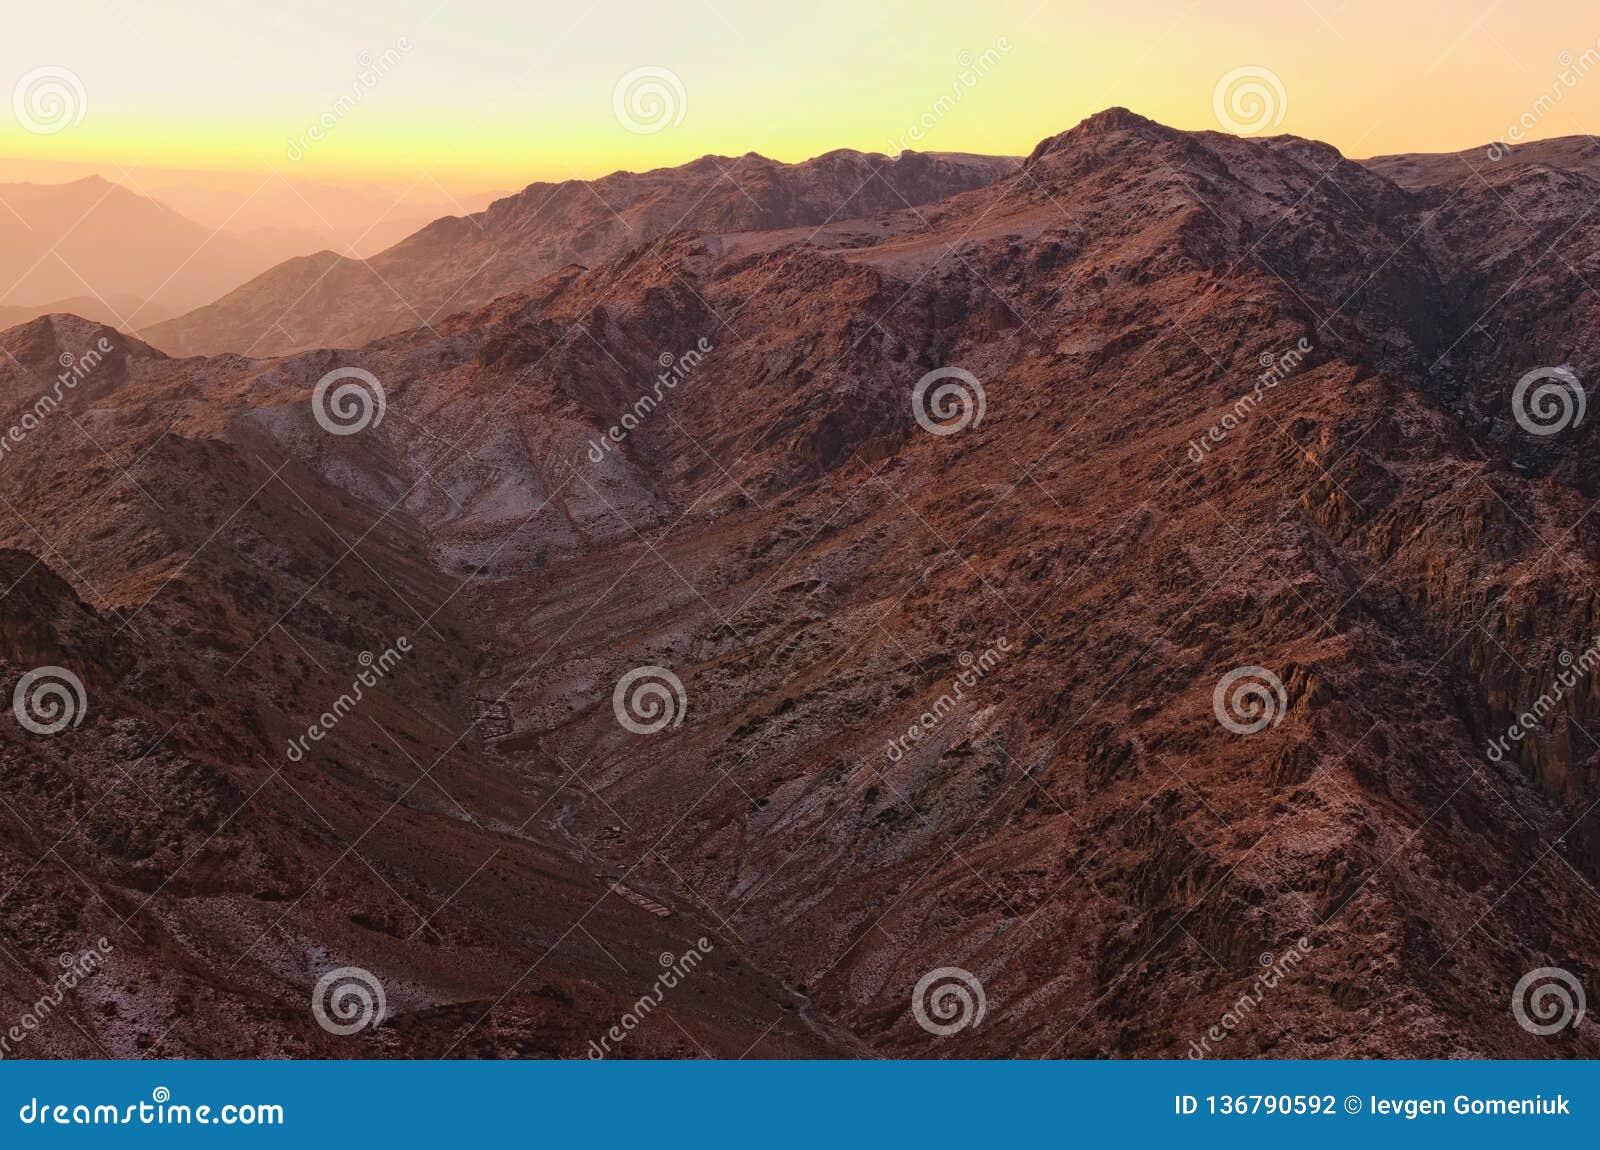 Paesaggio scenico nelle montagne ad alba Vista di stupore dal supporto Horeb, Gabal Musa, Moses Mount di monte Sinai